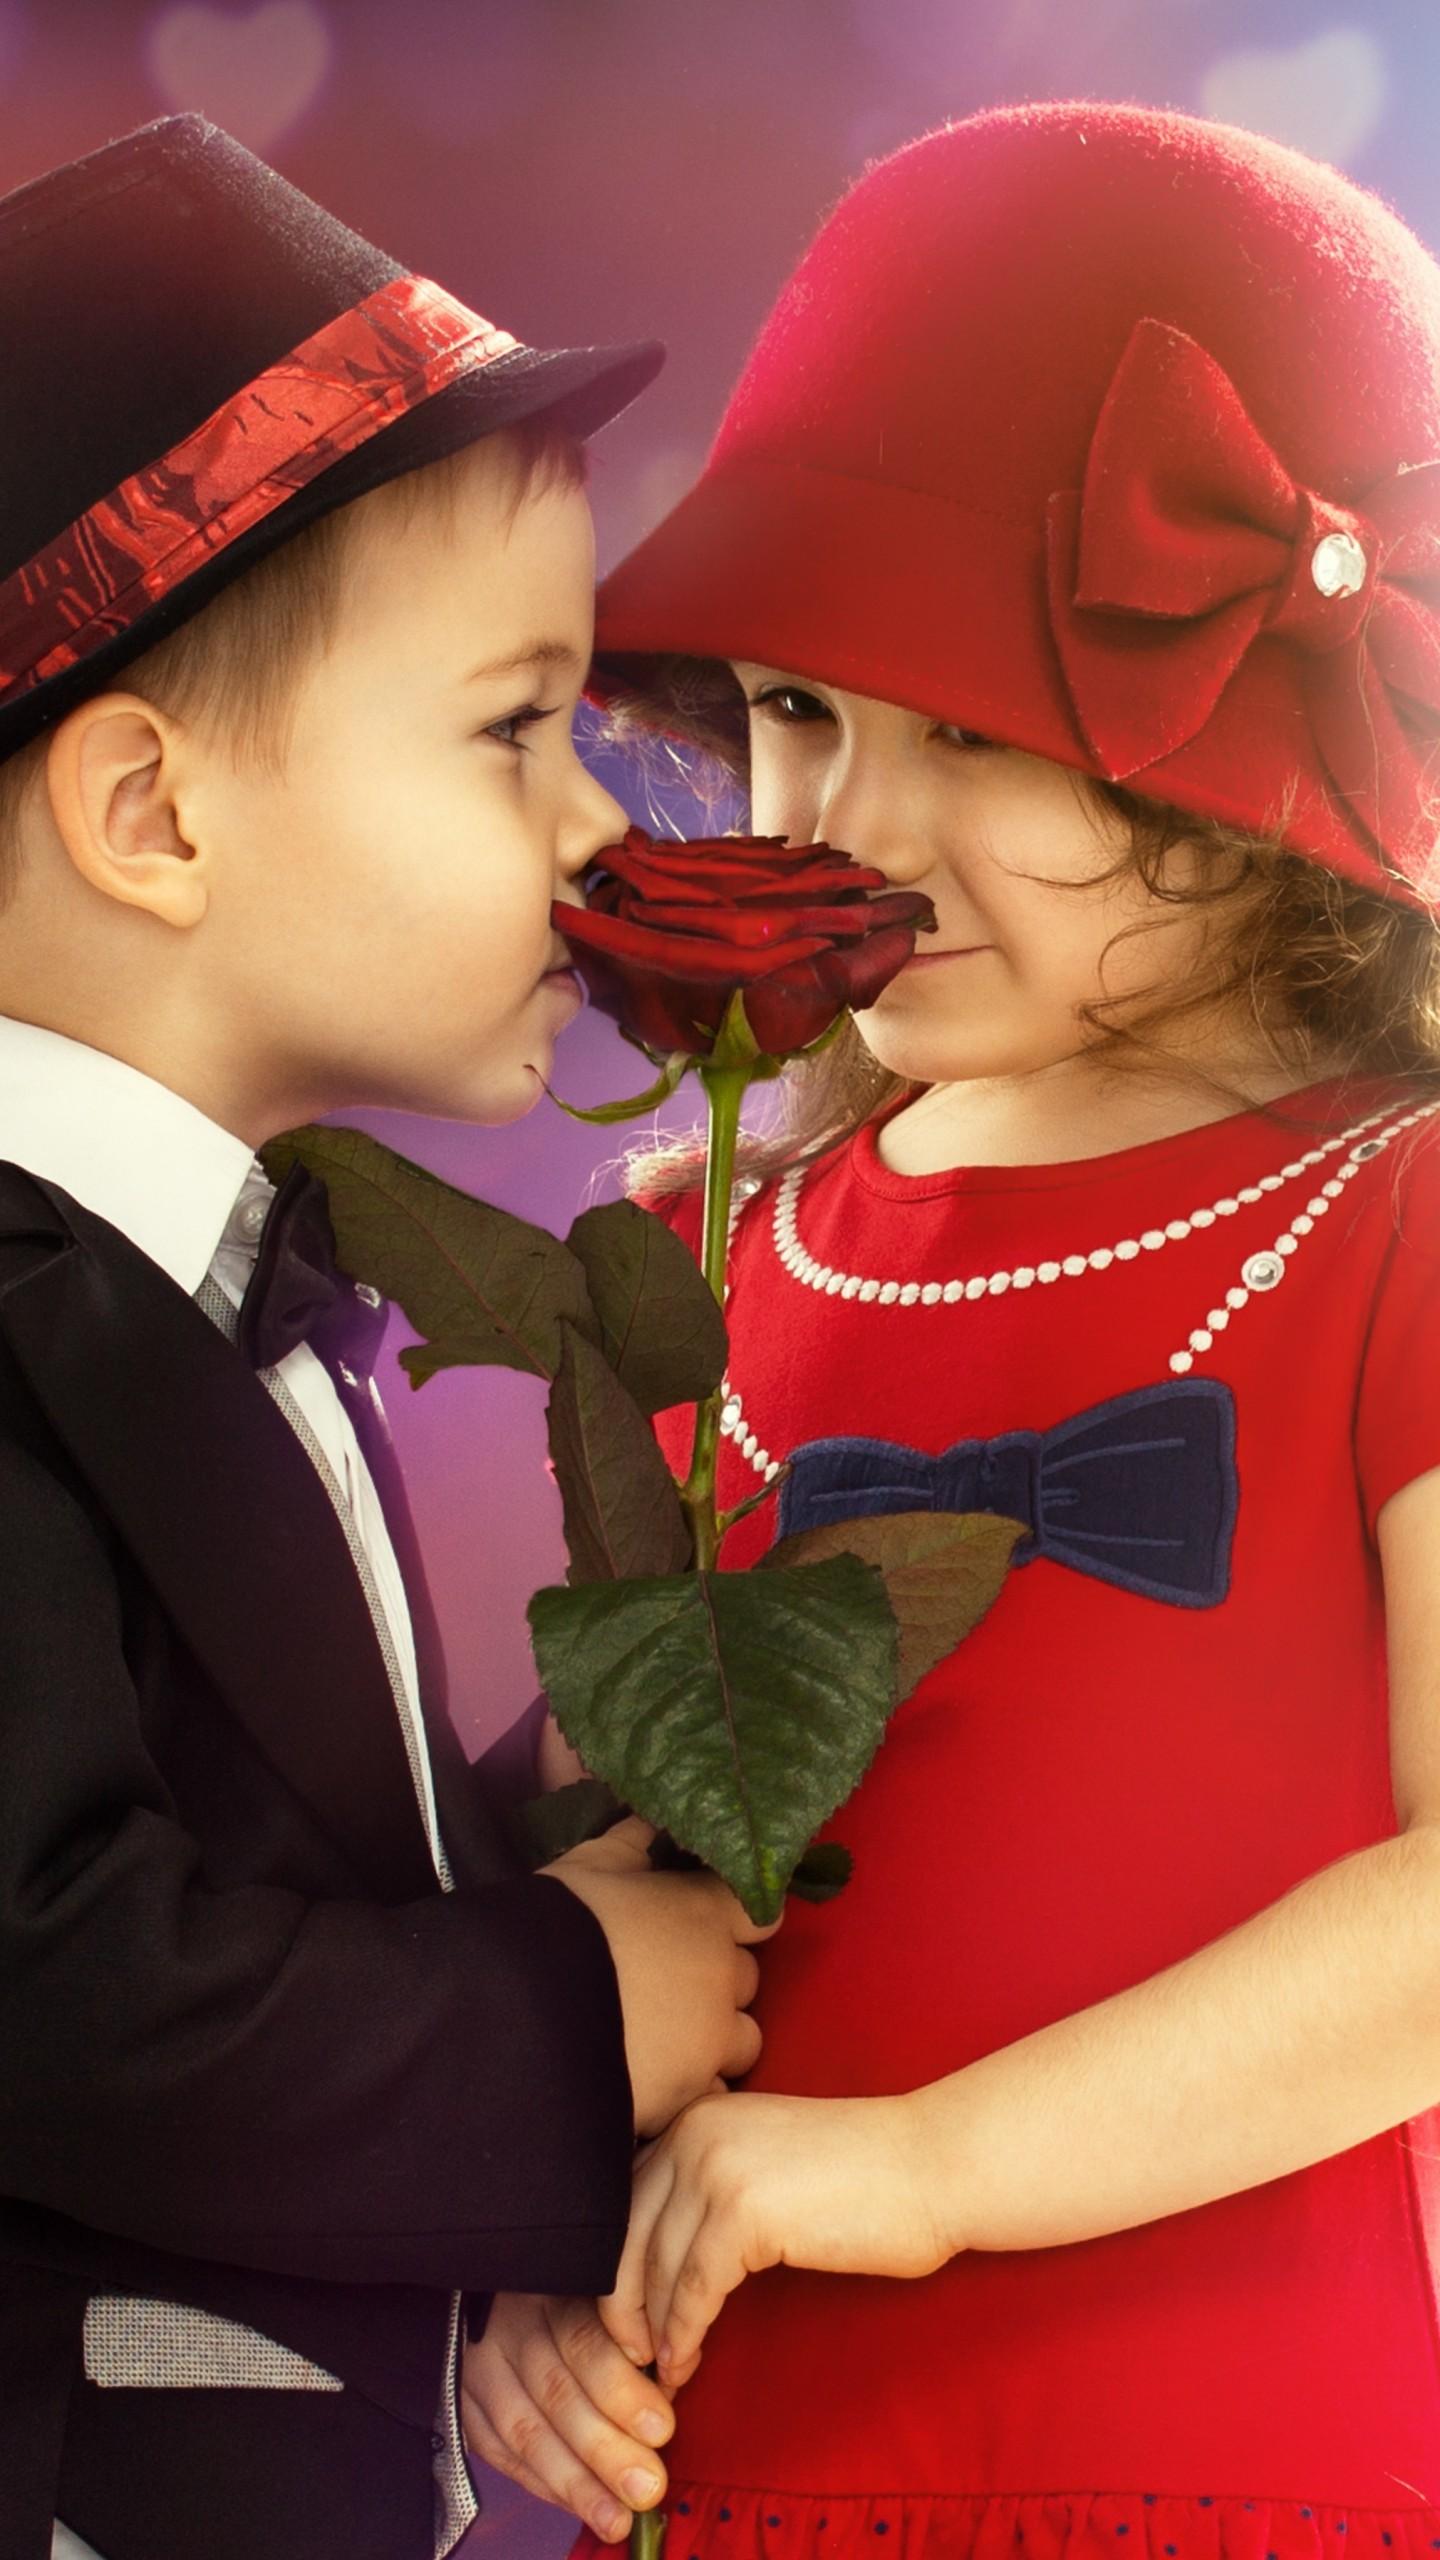 عکس زمینه پسربچه و دختر بچه به همراه گل رز قرمز پس زمینه